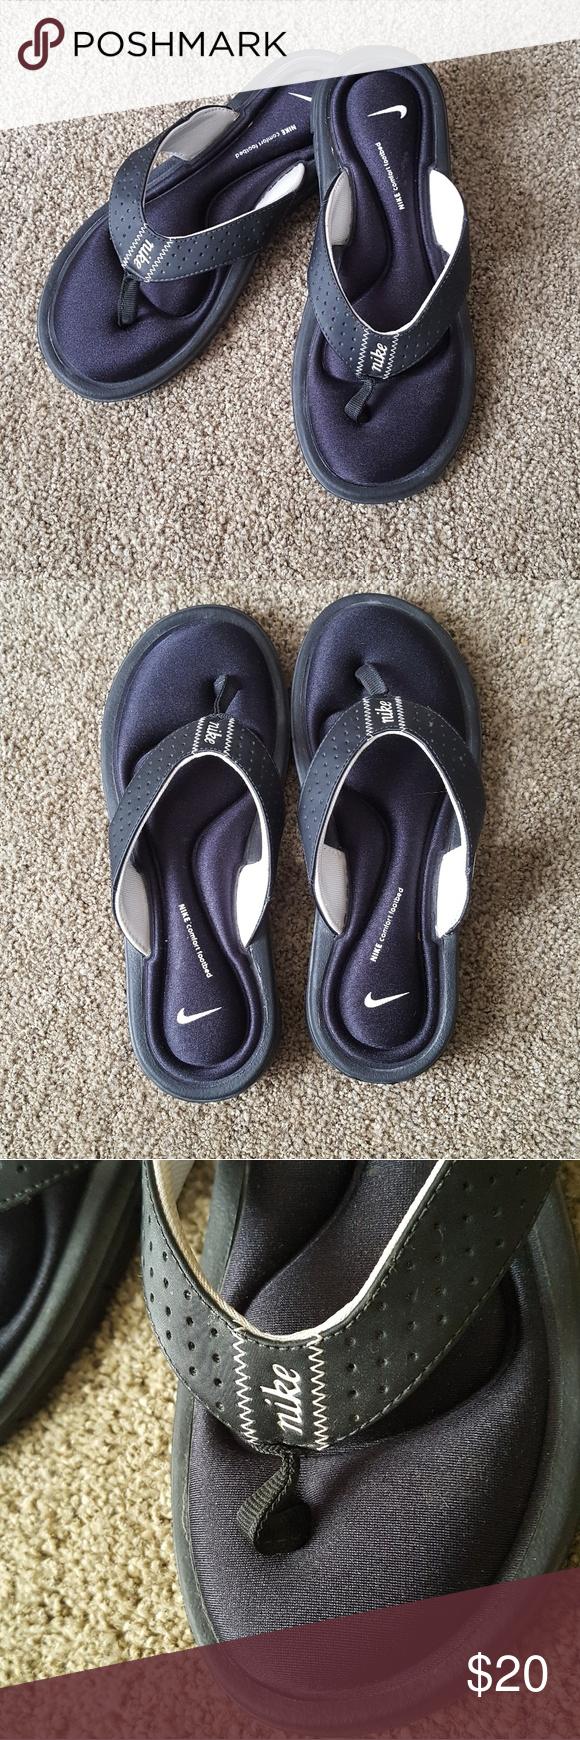 6fe5ff061b1c6c Nike》Comfort Footbed Thongs•Flip Flops